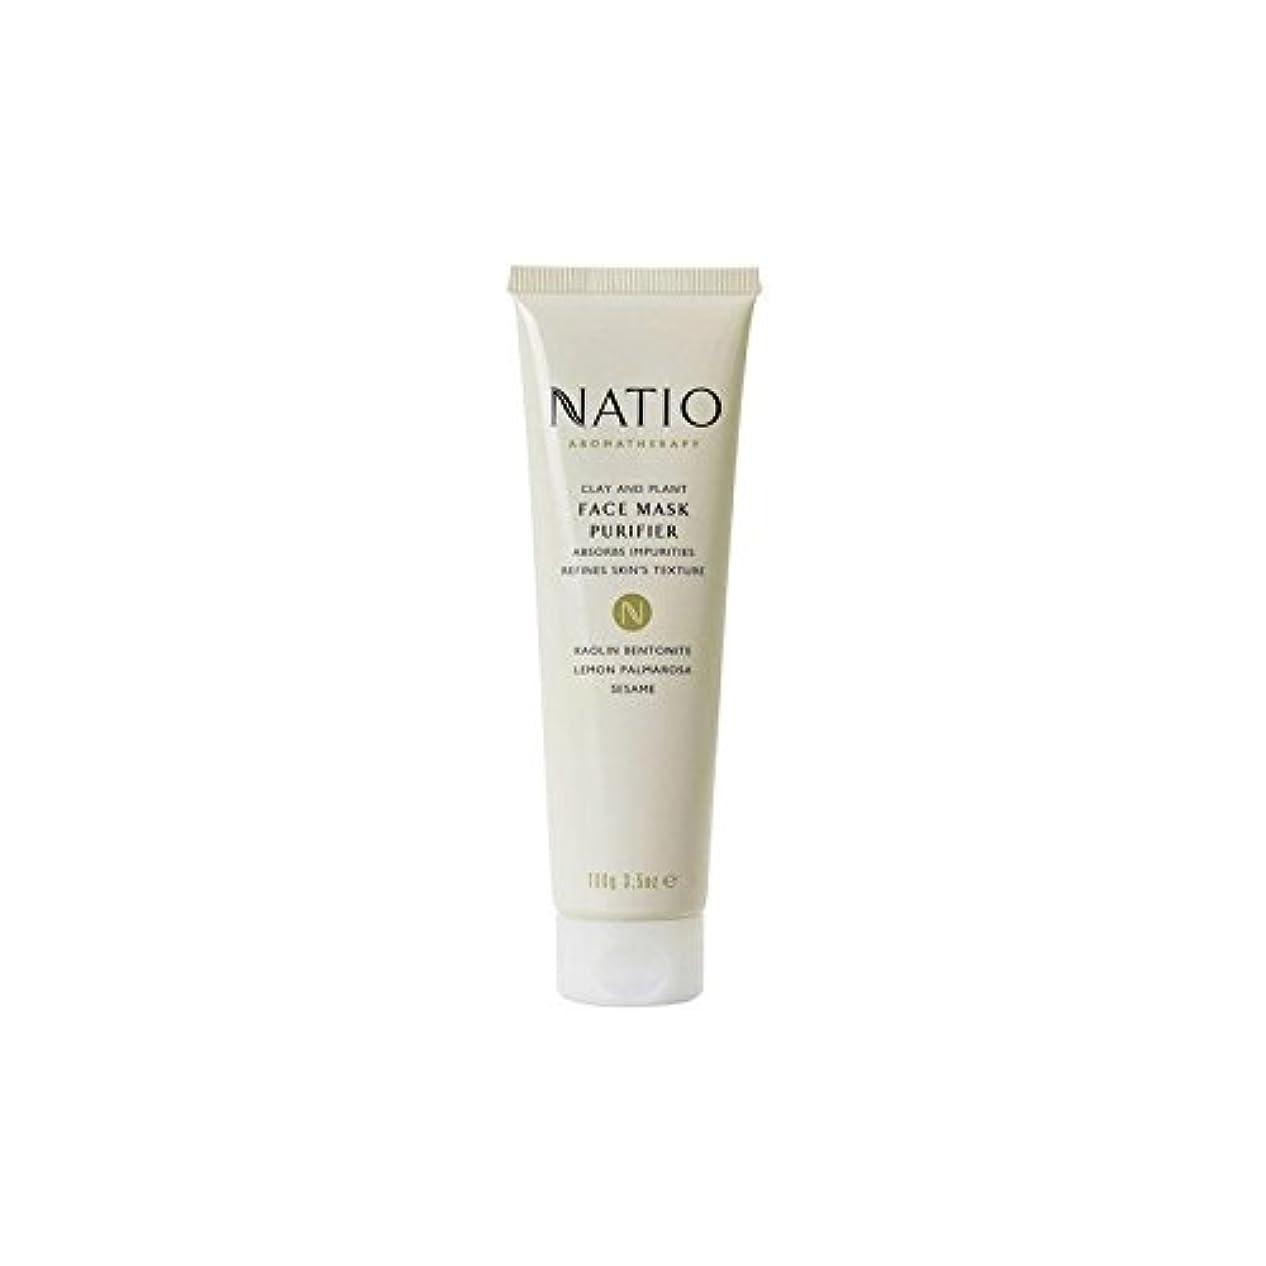 チェスをするシネウィ継続中Natio Clay & Plant Face Mask Purifier (100G) - 粘土&植物フェイスマスクの浄化(100グラム) [並行輸入品]